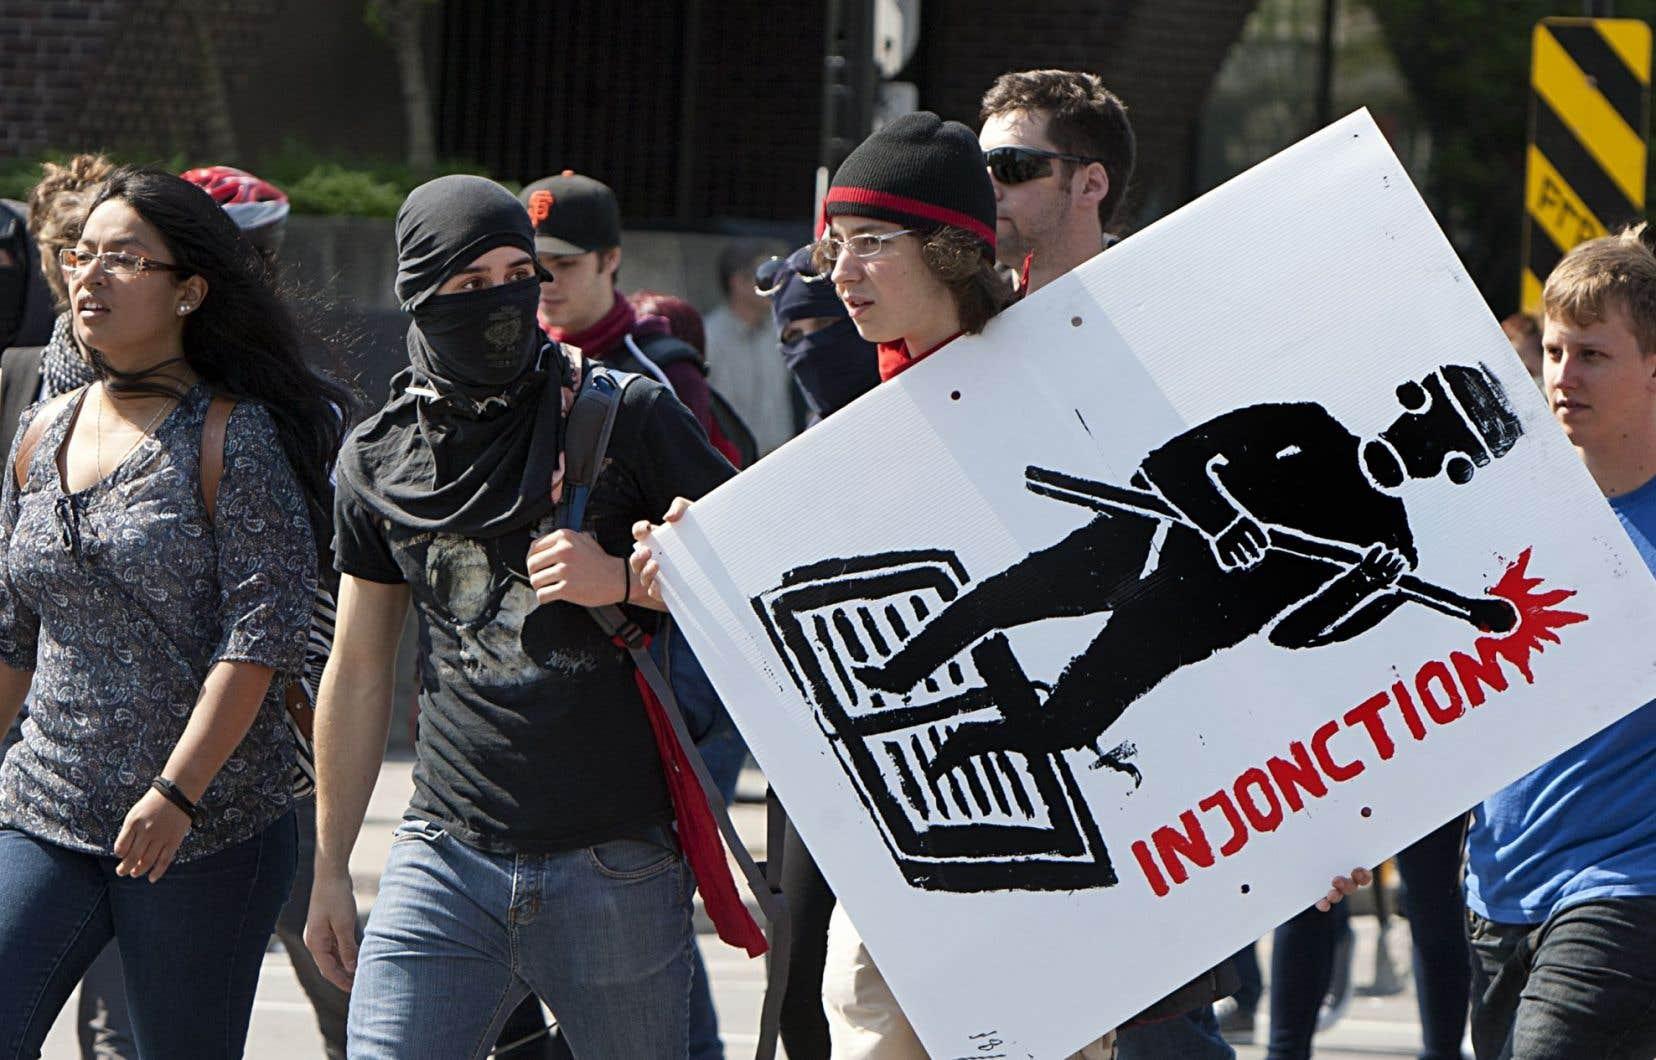 En 2012, les étudiants avaient défié l'autorité des tribunaux en poursuivant le blocage des cégeps et des universités, en dépit des ordonnances d'injonction.